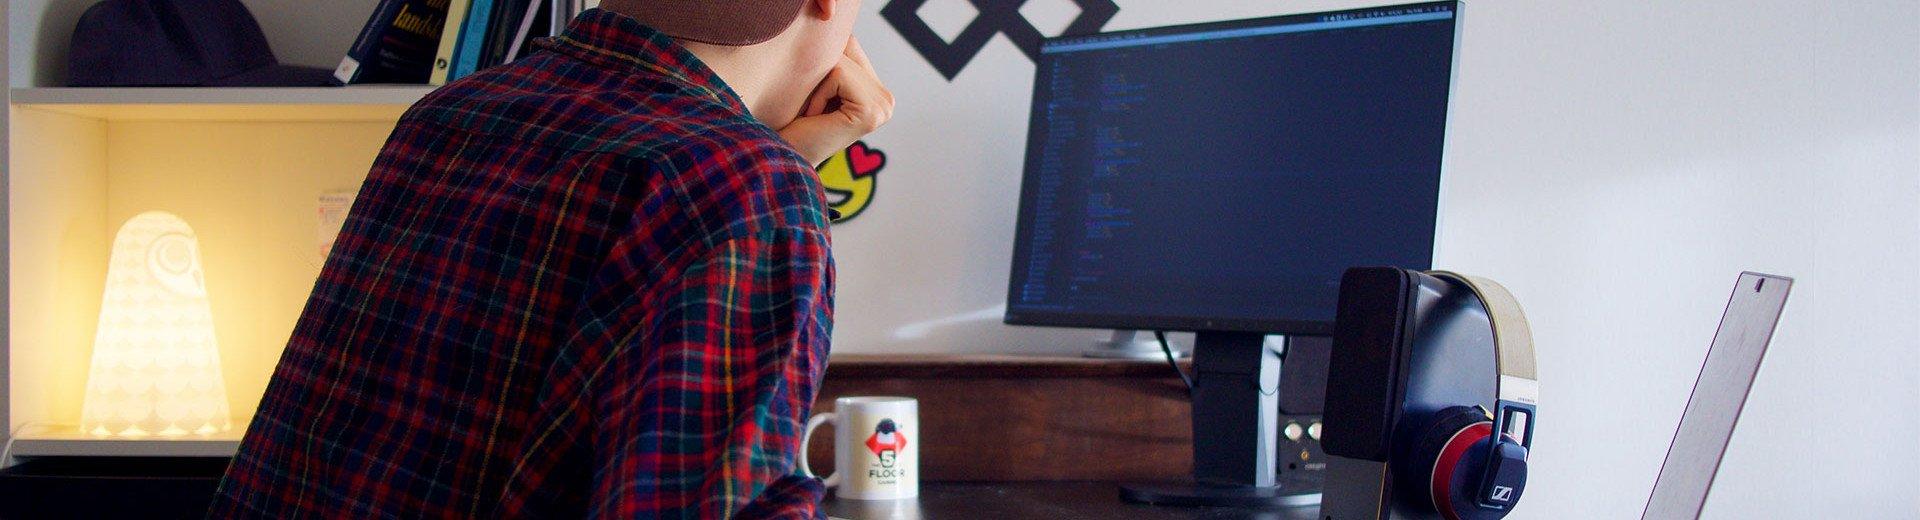 """Okładka artykułu Przekazywanie projektu graficznego programiście — Czyli jak przygotować """"paczkę"""" do pocięcia strony"""